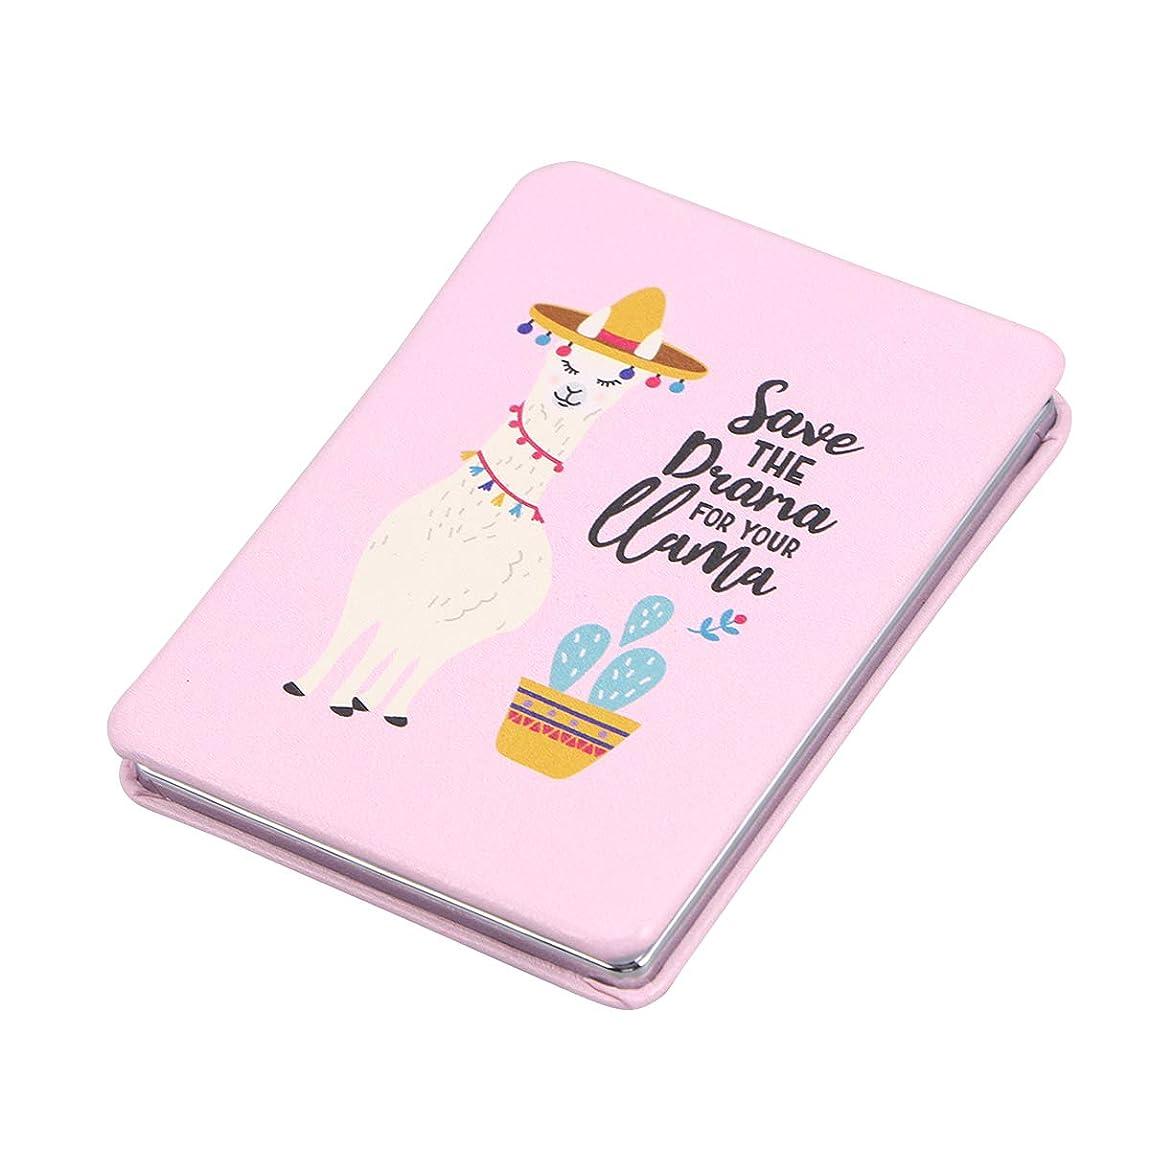 市町村ダイヤルシソーラスFrcolor 化粧鏡 携帯ミラー 両面 ポケットミラー 折りたたみ 長方形 化粧ミラー コンパクトミラー 持ち運びに便利 おしゃれ(ピンク)ミラー女性のための女性(アルパカパターン3)